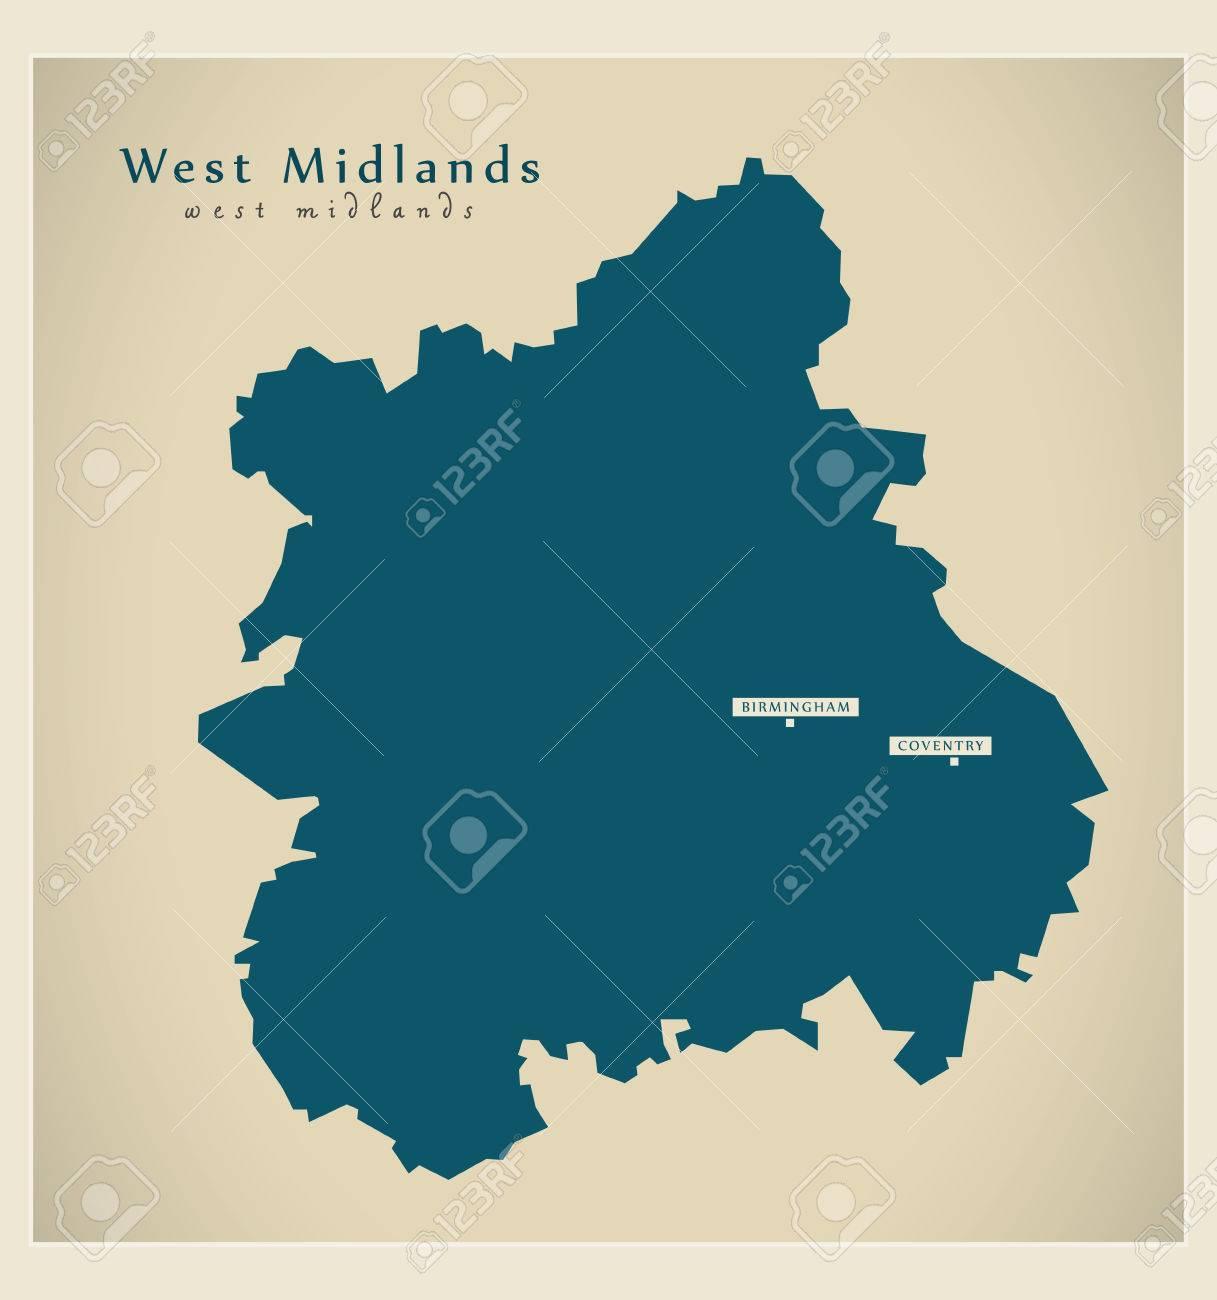 Modern Map - West Midlands UK refreshed design - 74504696